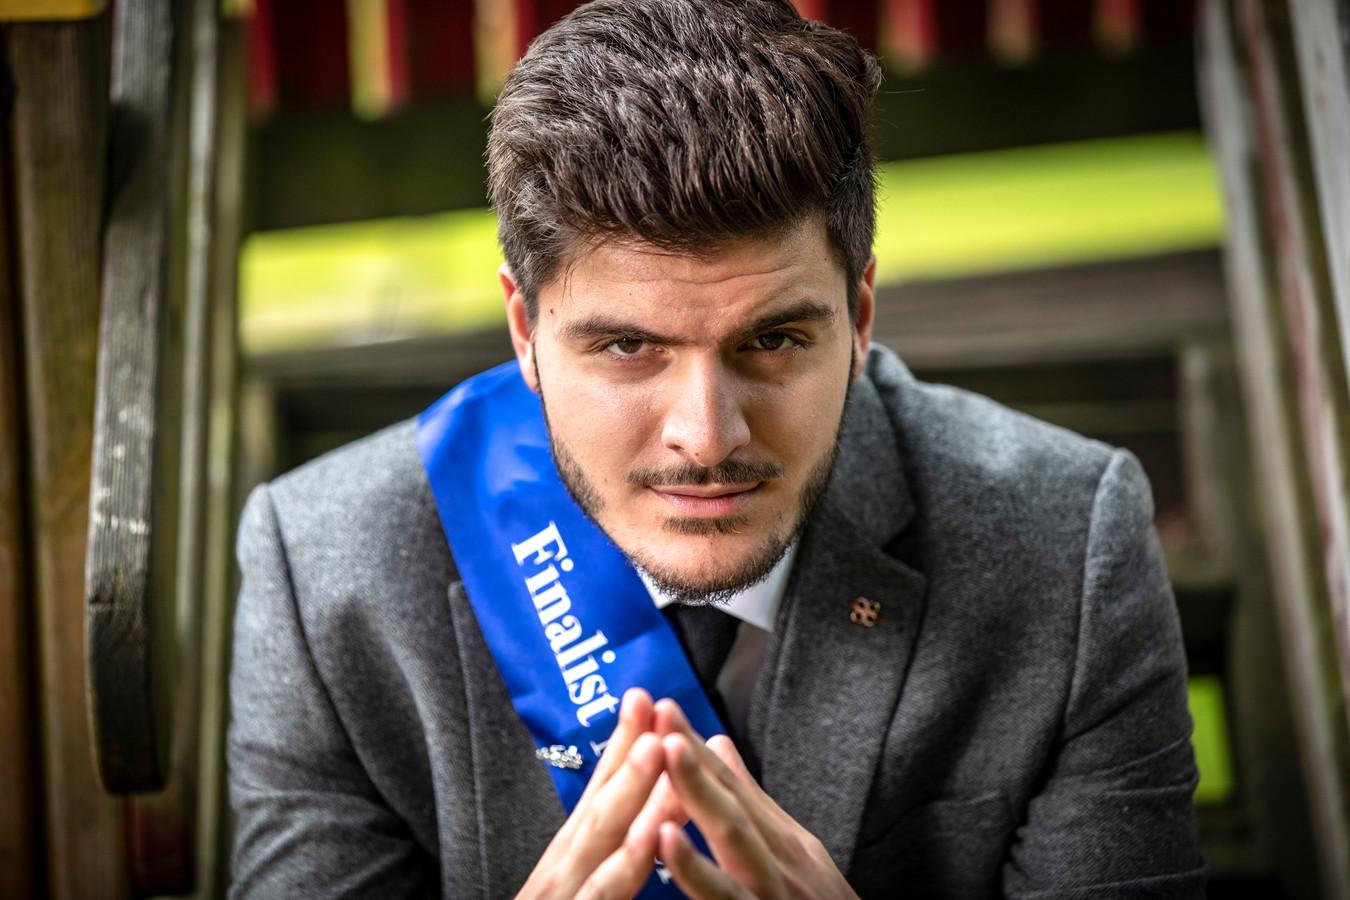 Wordt Ogulcan Tezcan uit Oldenzaal de nieuwe Mister International Netherlands? Op 11 september krijgt hij het antwoord op die vraag.